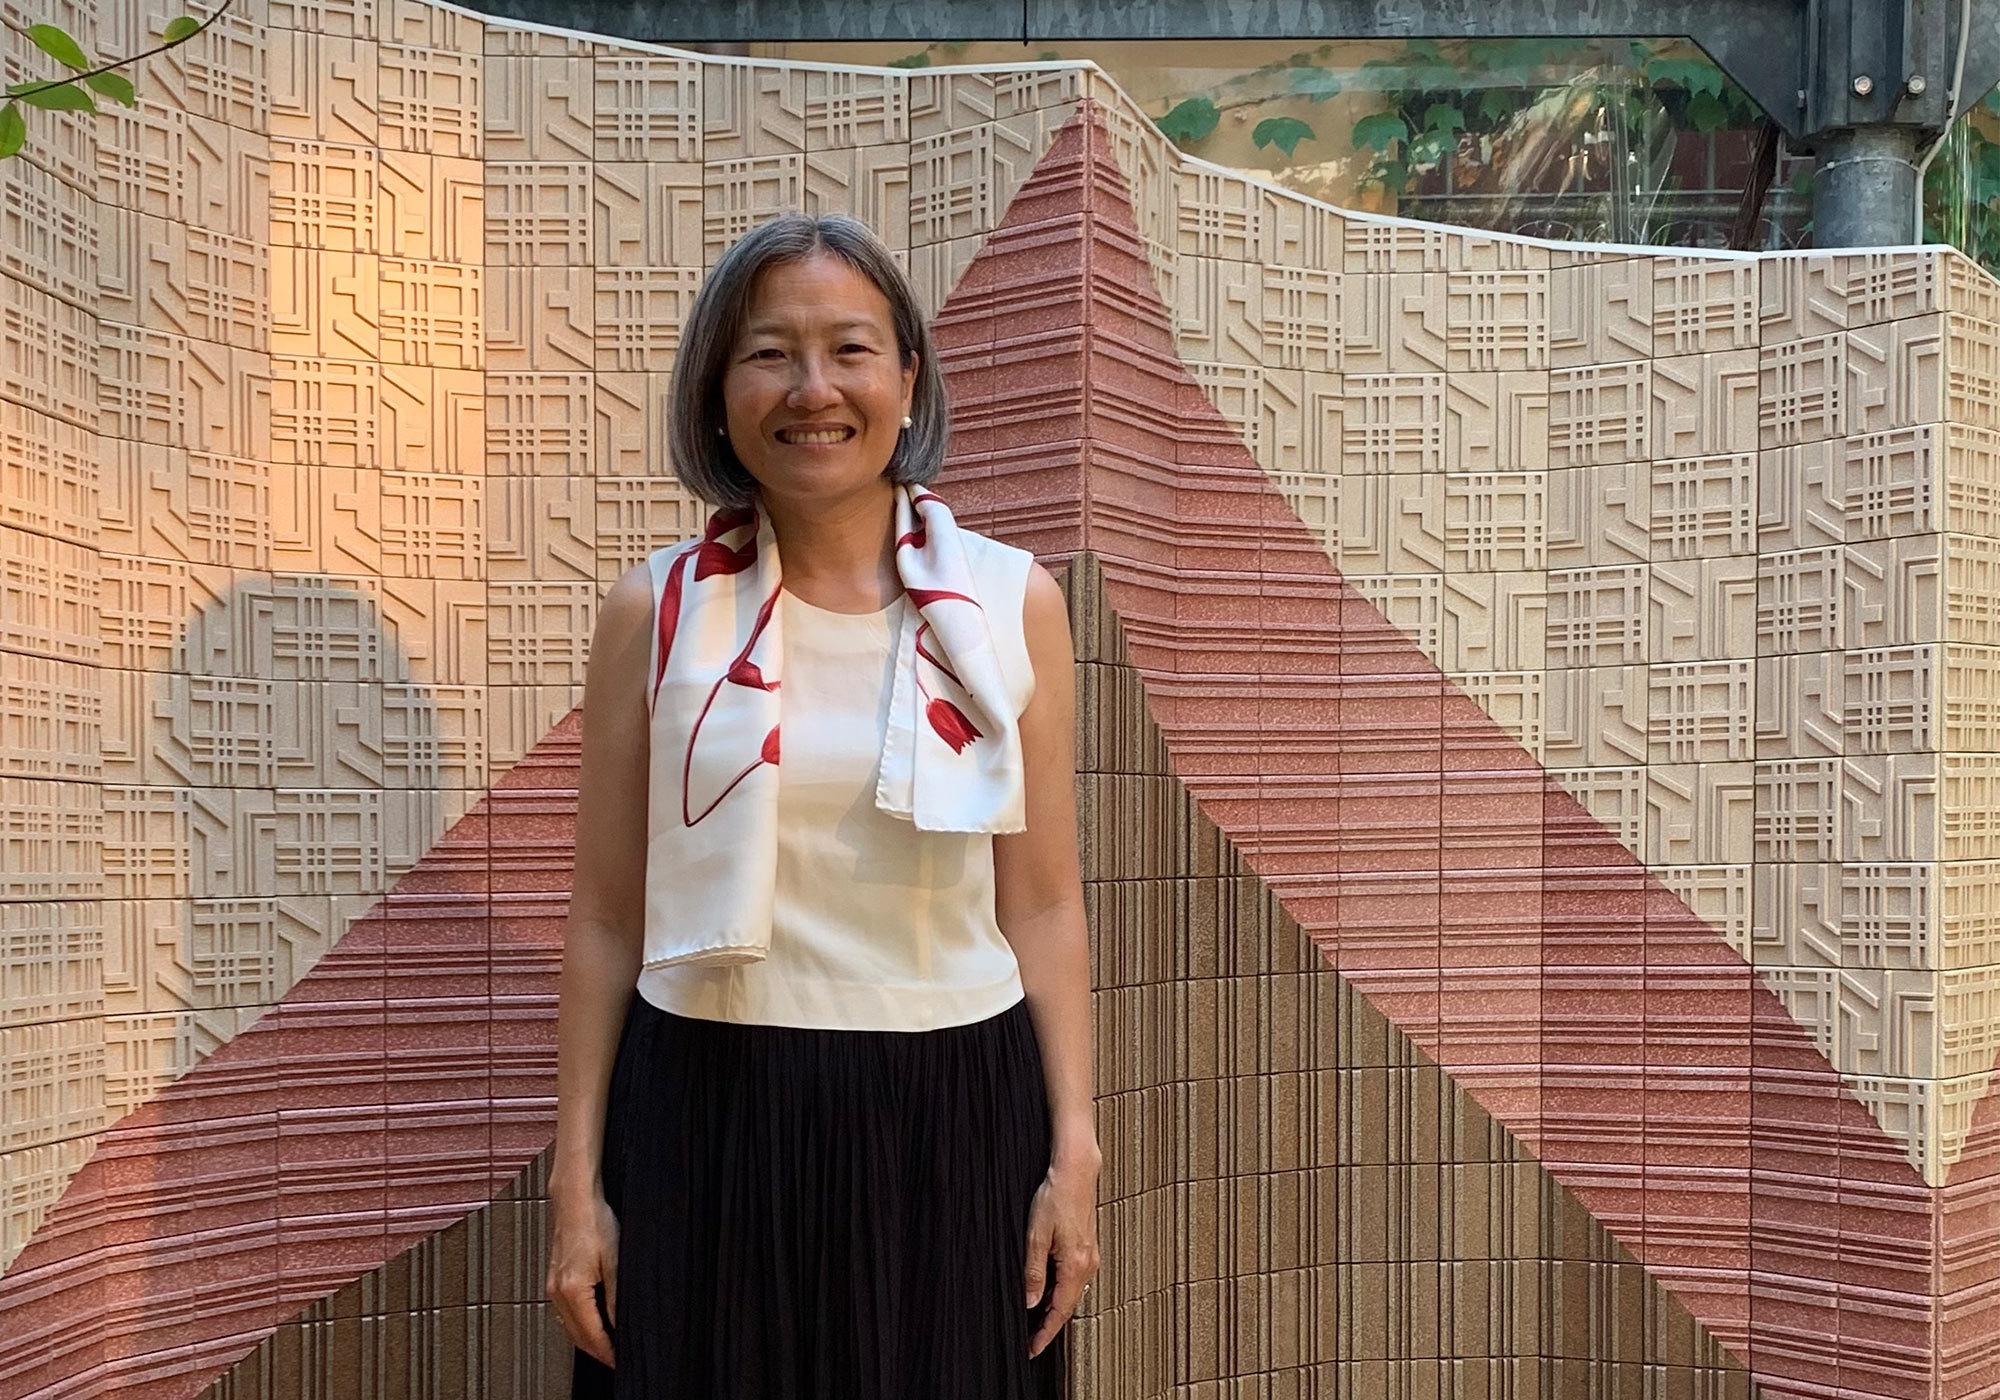 Lay Koon Tan, Mitgründerin des Labels Nature Squared, vor der Flieseninstallation aus CArrelé, einem Material aus Eierschalenabfällen